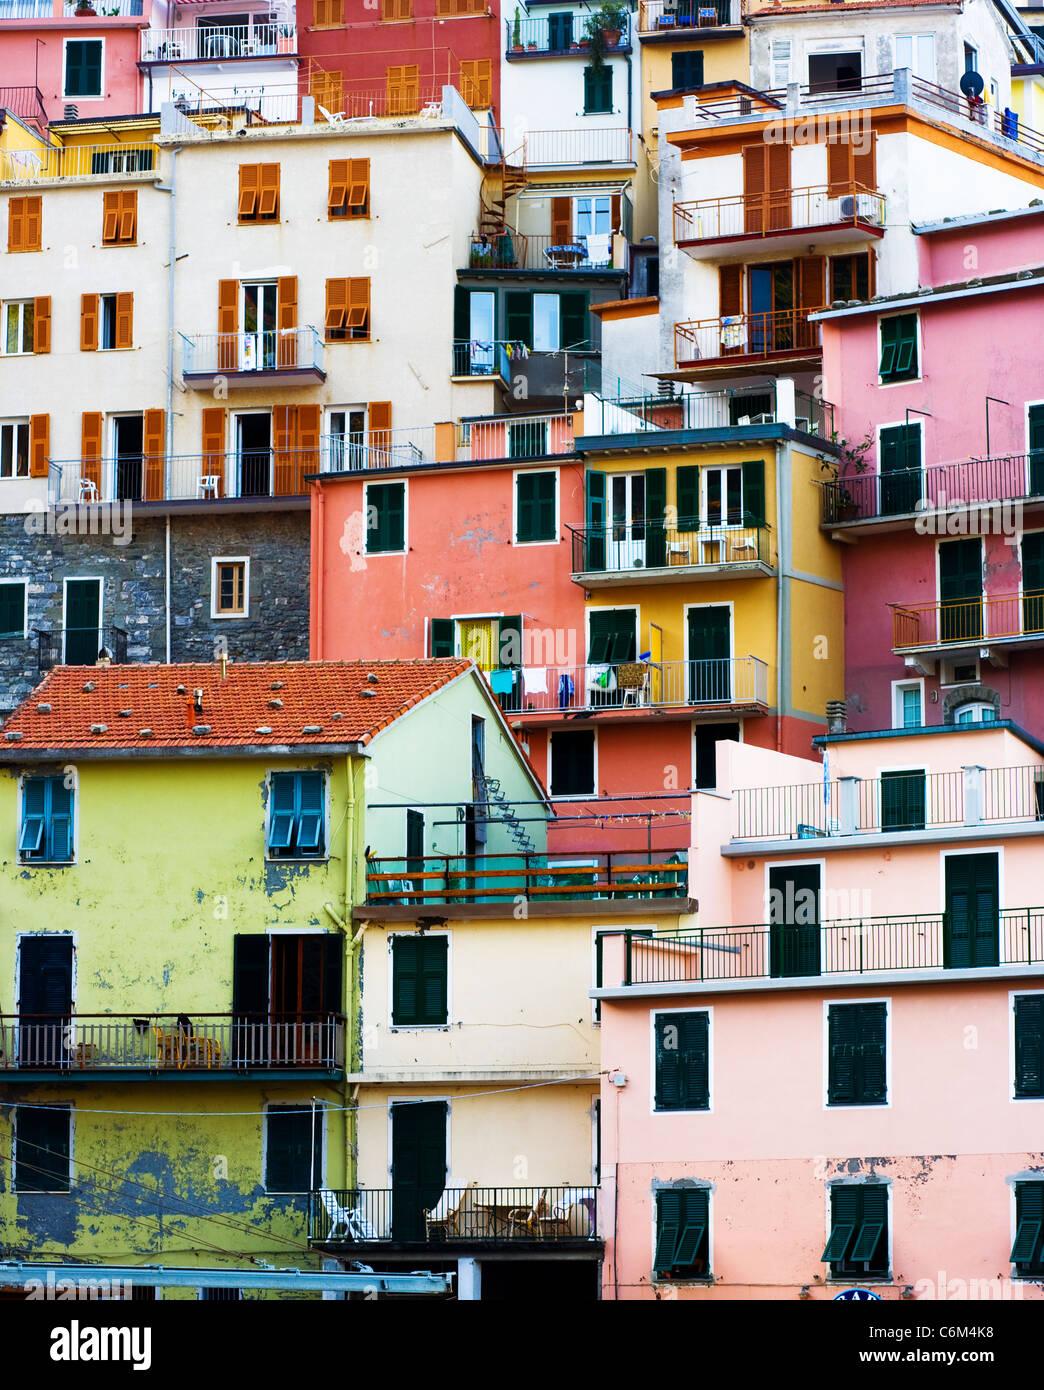 Bâtiments colorés dans les Cinque Terre, Italie. Photo Stock